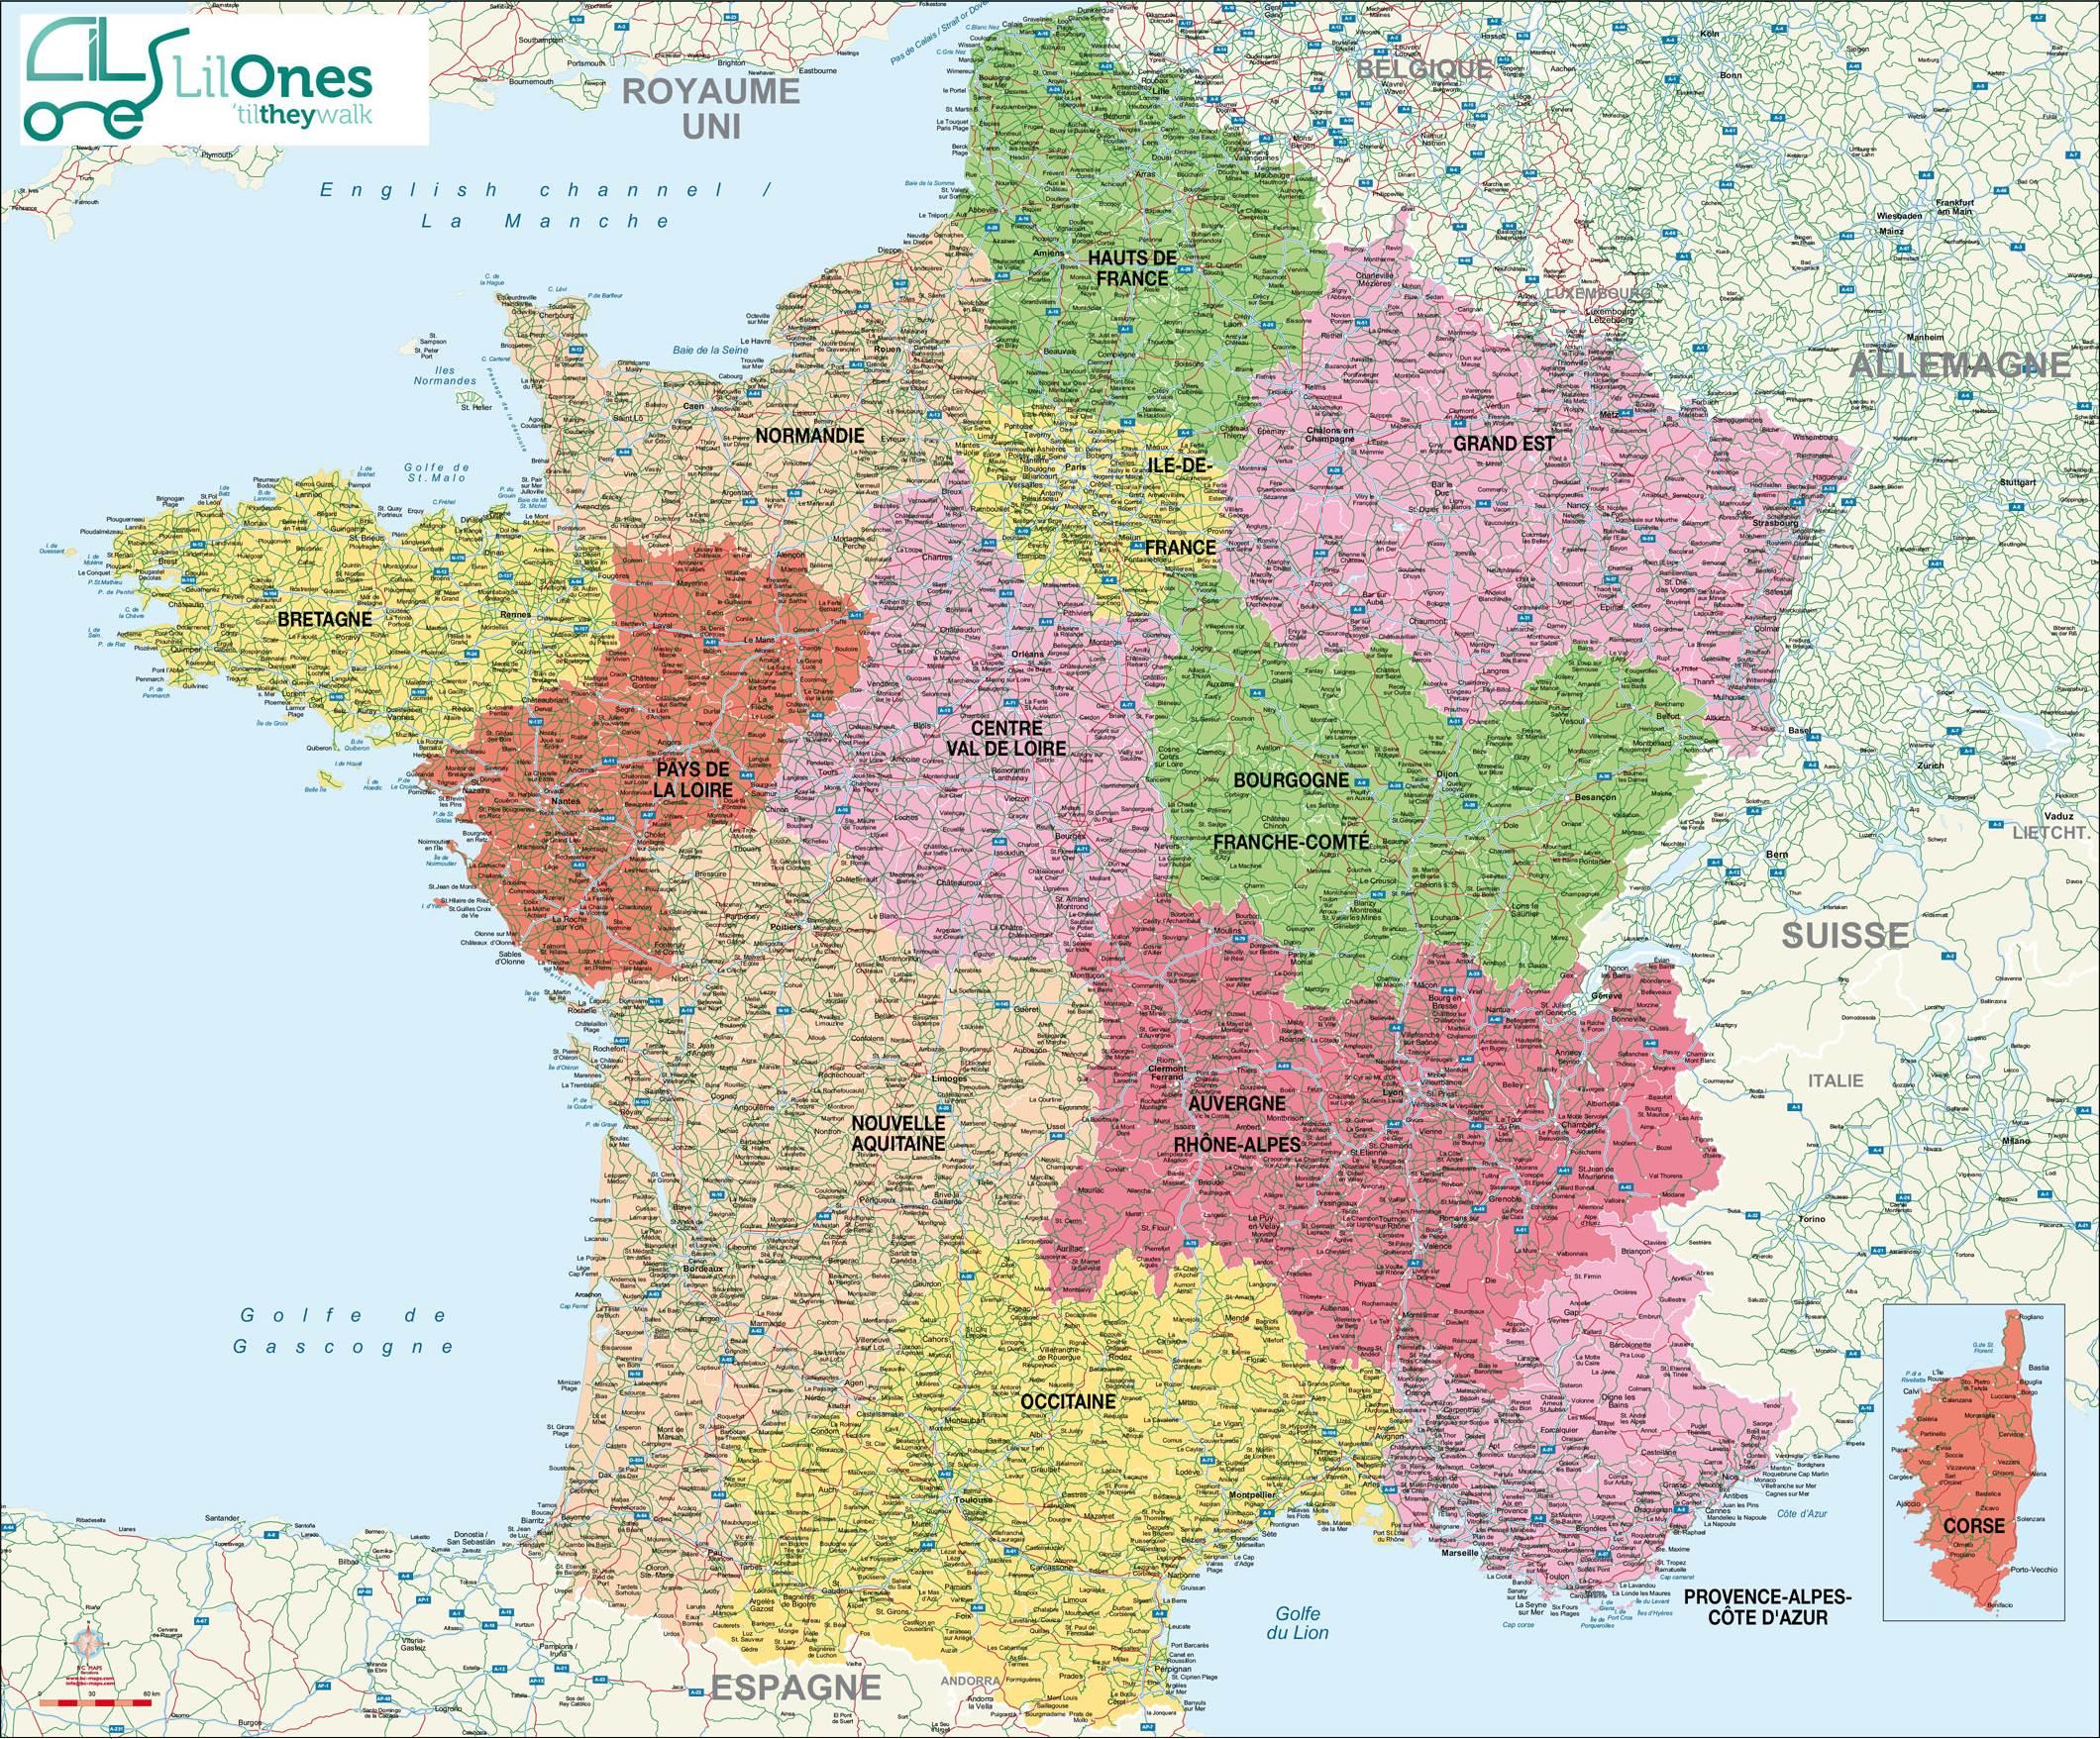 Cartes De France : Cartes Des Régions, Départements Et intérieur Carte De La France Avec Les Régions